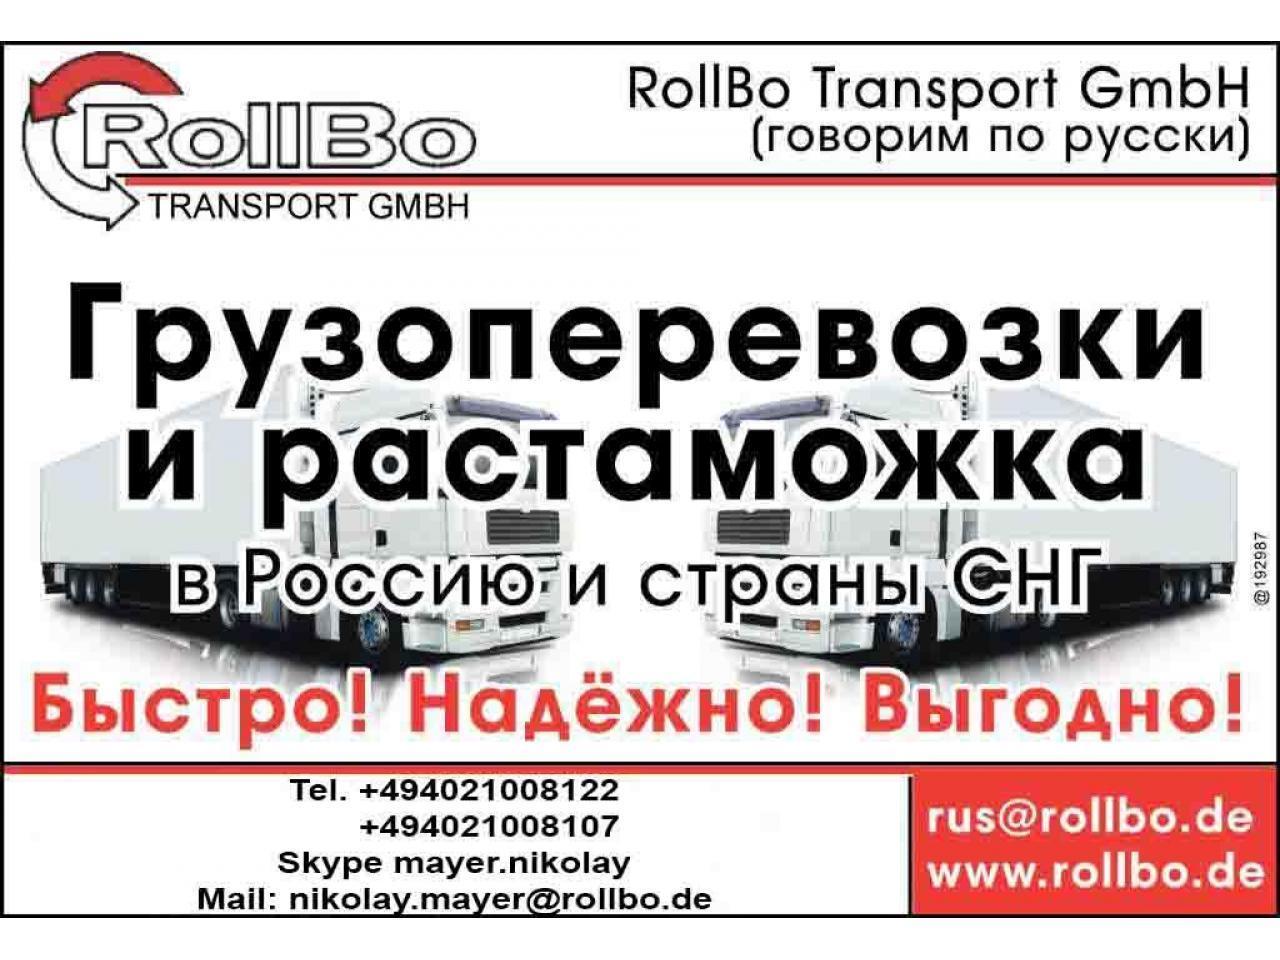 Доставка и растаможка грузов из Великобритании в Россию, СНГ, Китай - 1